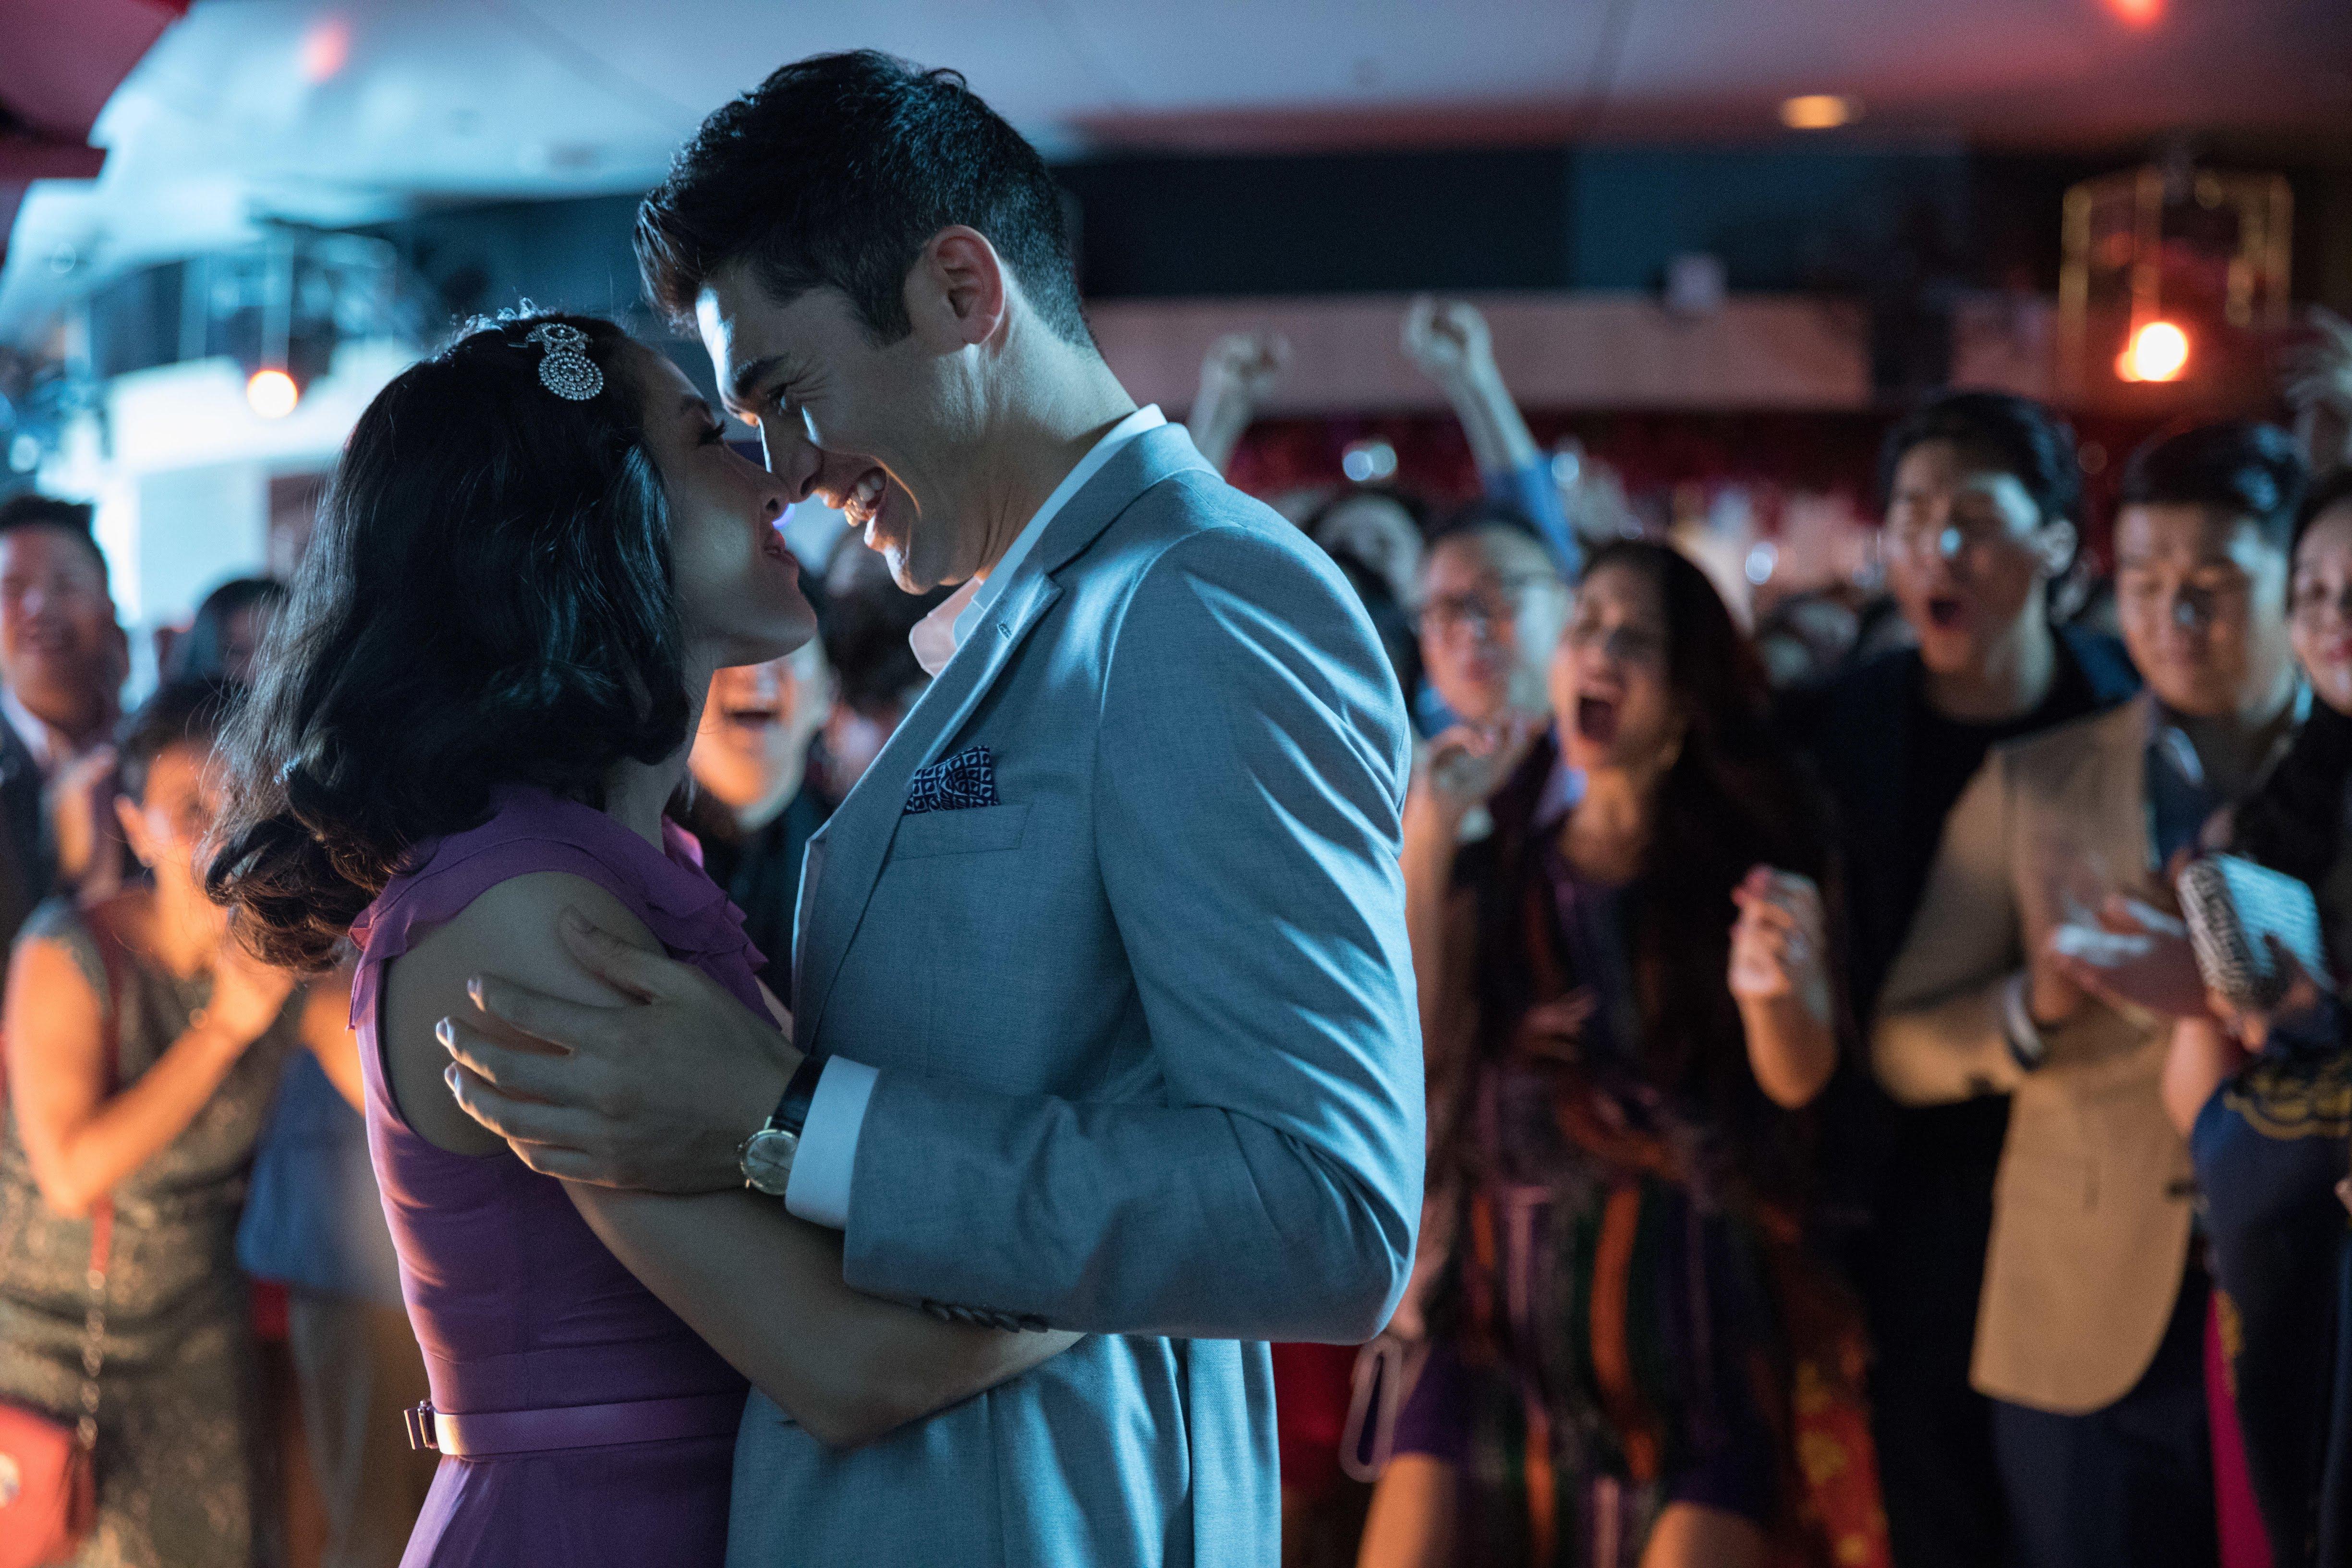 Movie Shopper's Guide - Crazy Rich Asians : オール・アジア系キャストが話題になったロマコメ映画の大ヒット作「クレイジー・リッチ・アジアンズ」の Blu-ray が、来春の2019年2月6日に発売 ! !